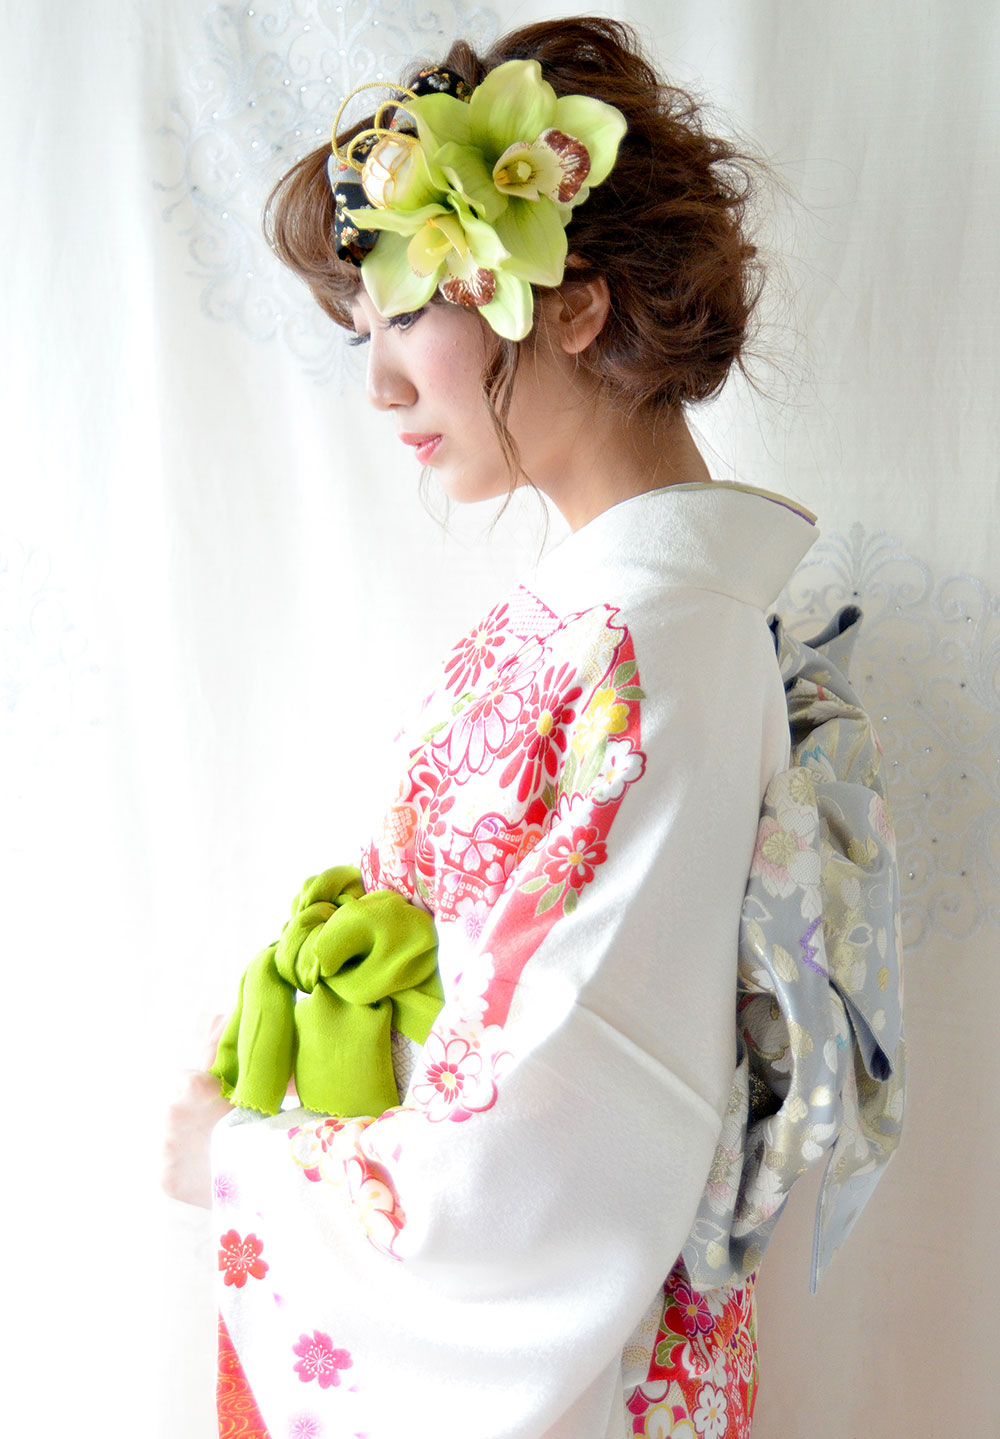 ヘッドドレス成人式 髪飾り【雅 みやび】小春シリーズ